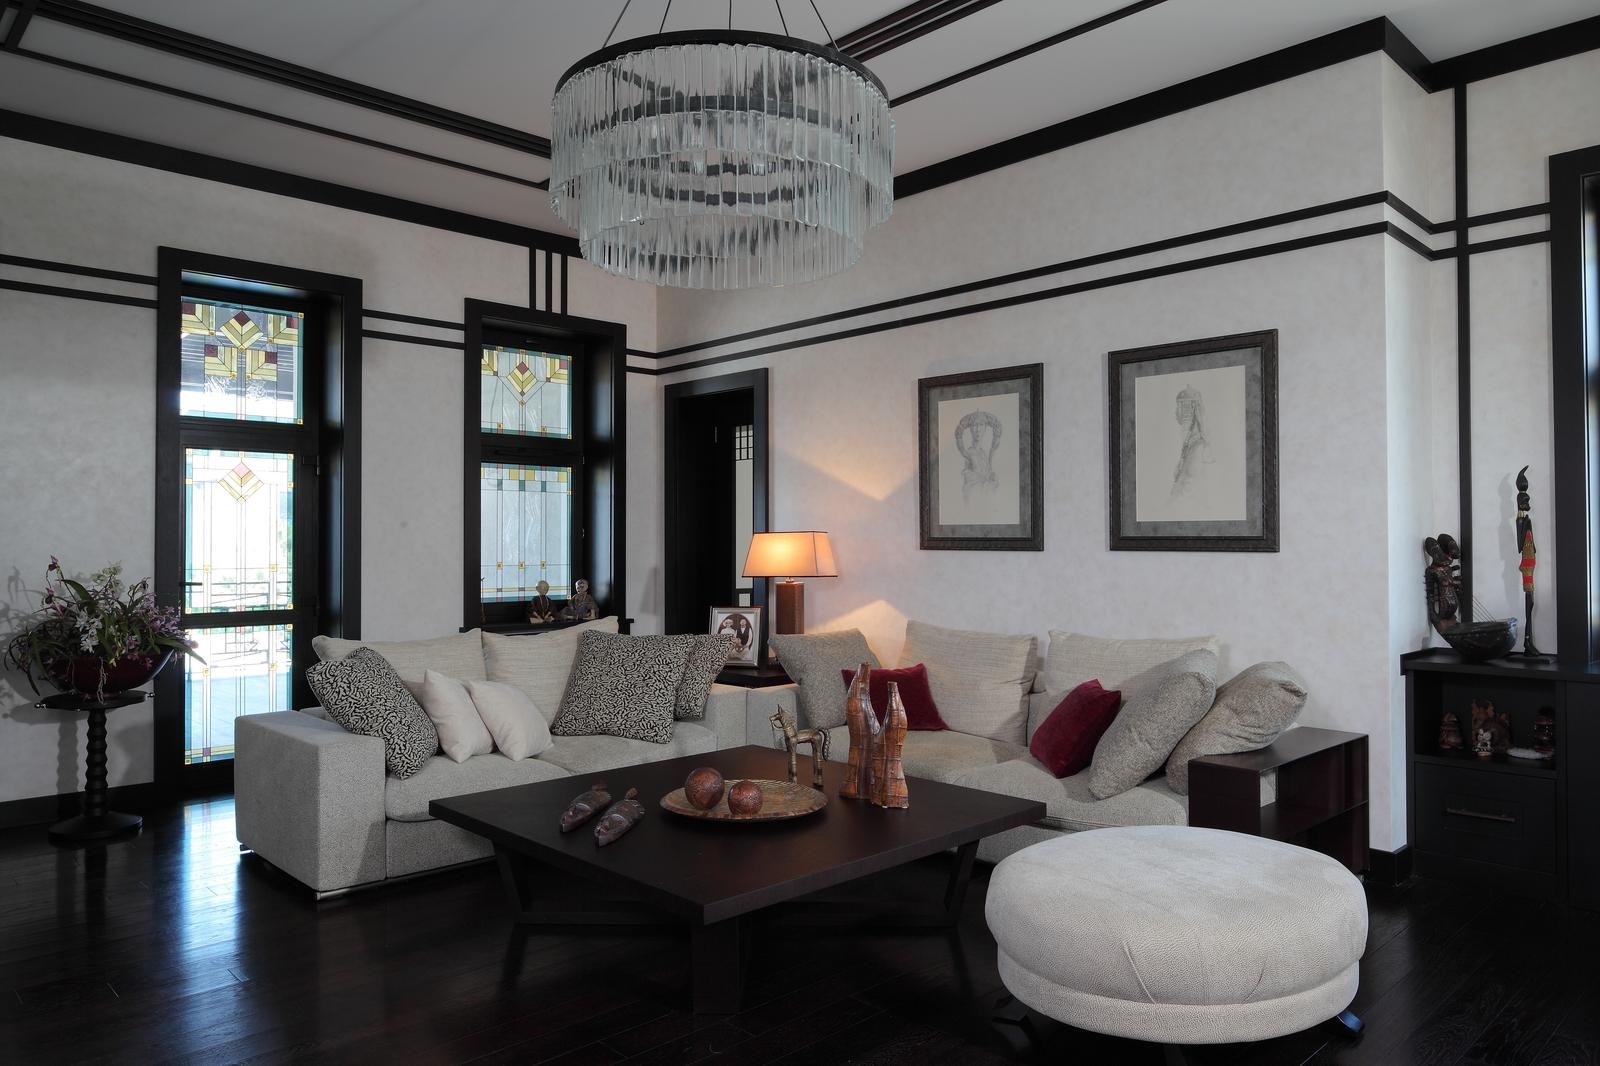 Пространство гостиной, расположенной на первом этаже, разделено на три функциональные зоны: уютную зону отдыха с диванами, элегантную каминную и рабочую с письменным столом Smania.